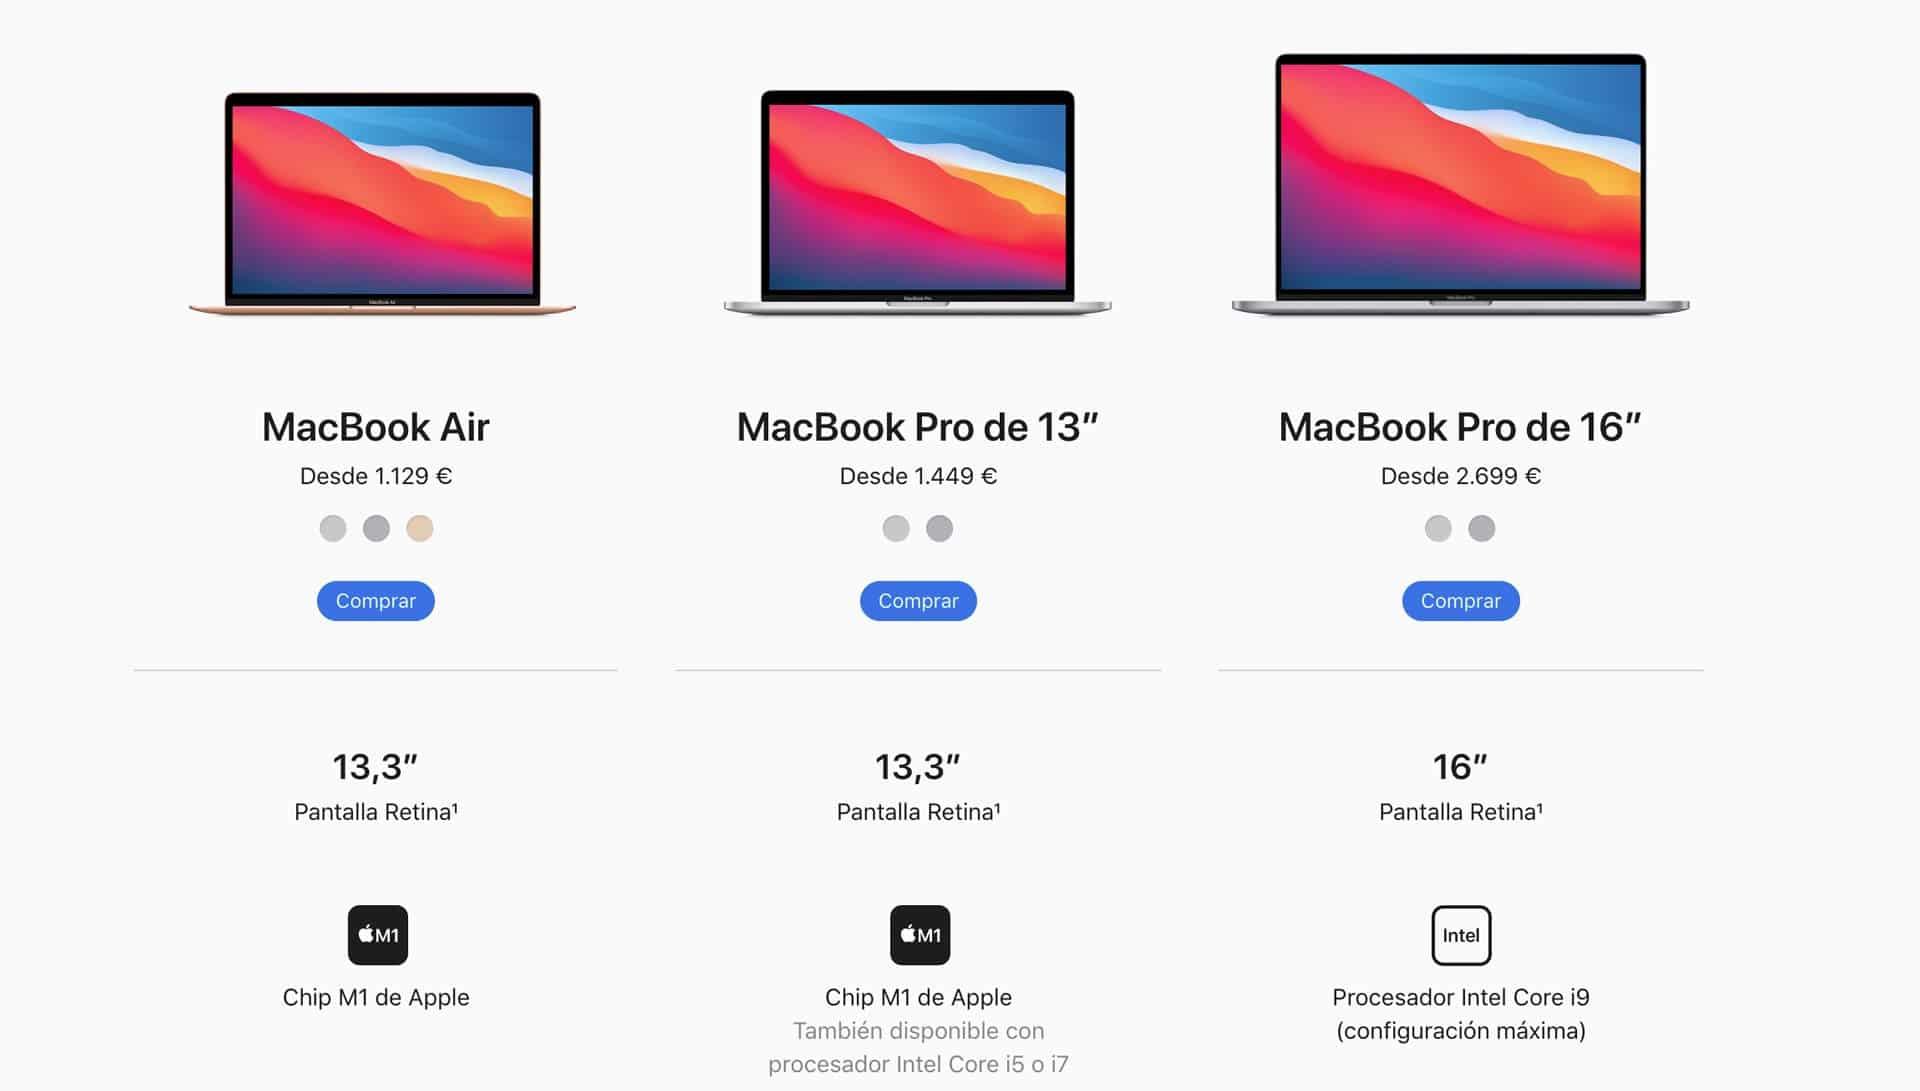 Portátiles Apple para fotógrafos y videógrafos